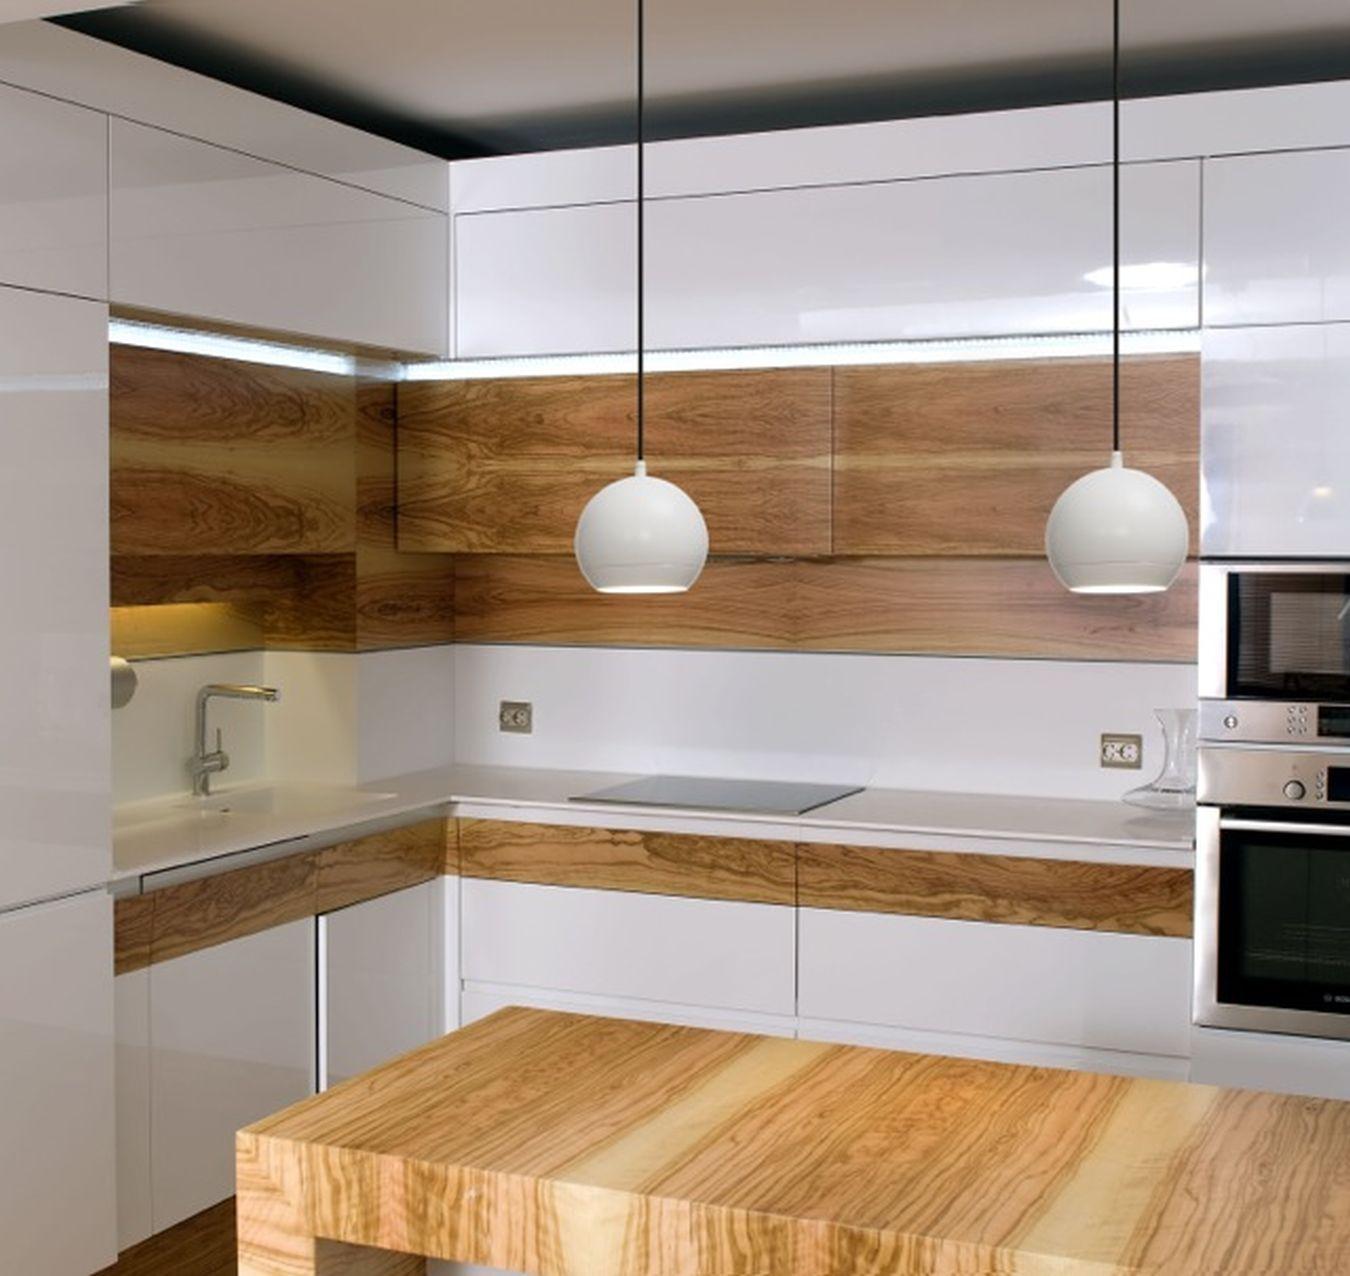 L mparas colgantes para la cocina - Lamparas de techo para cocinas ...